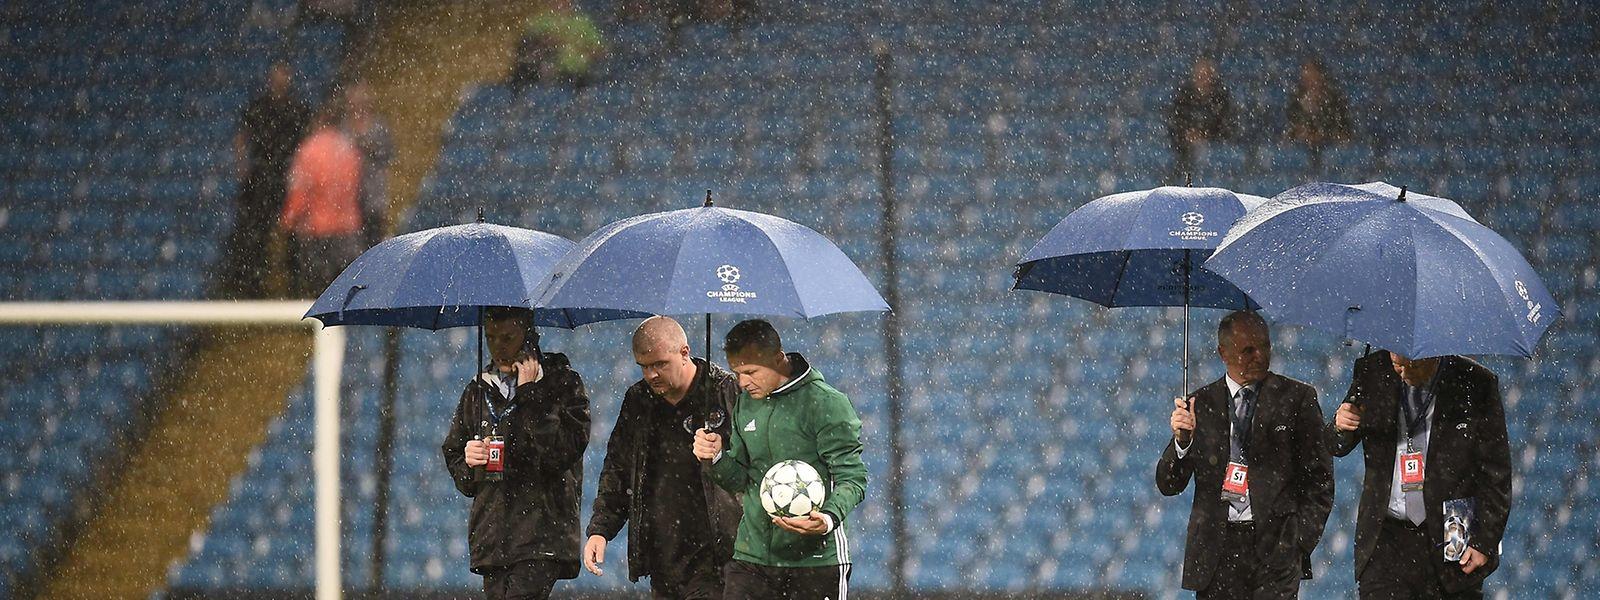 Schiedsrichter Björn Kuipers entschied, dass ein Spiel unter regulären Bedingungen nicht möglich wäre.